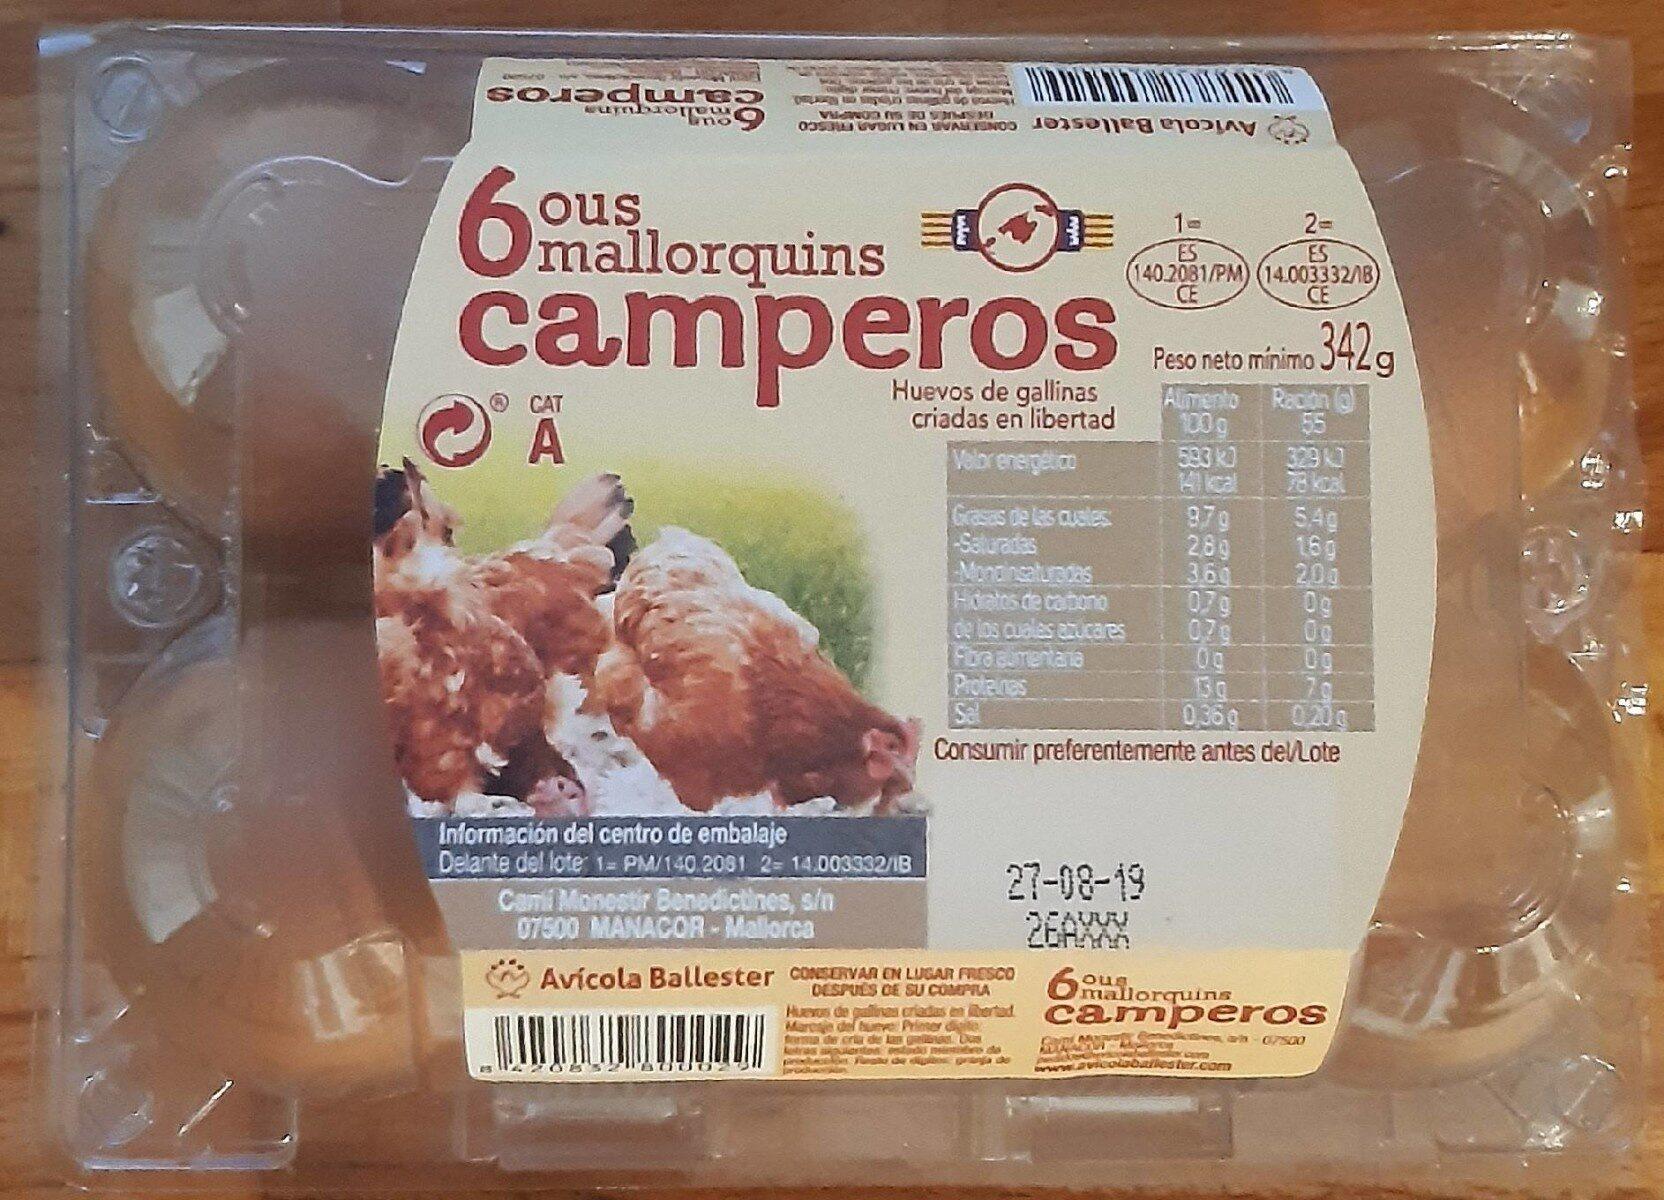 Huevos mallorquines camperos cat A - Product